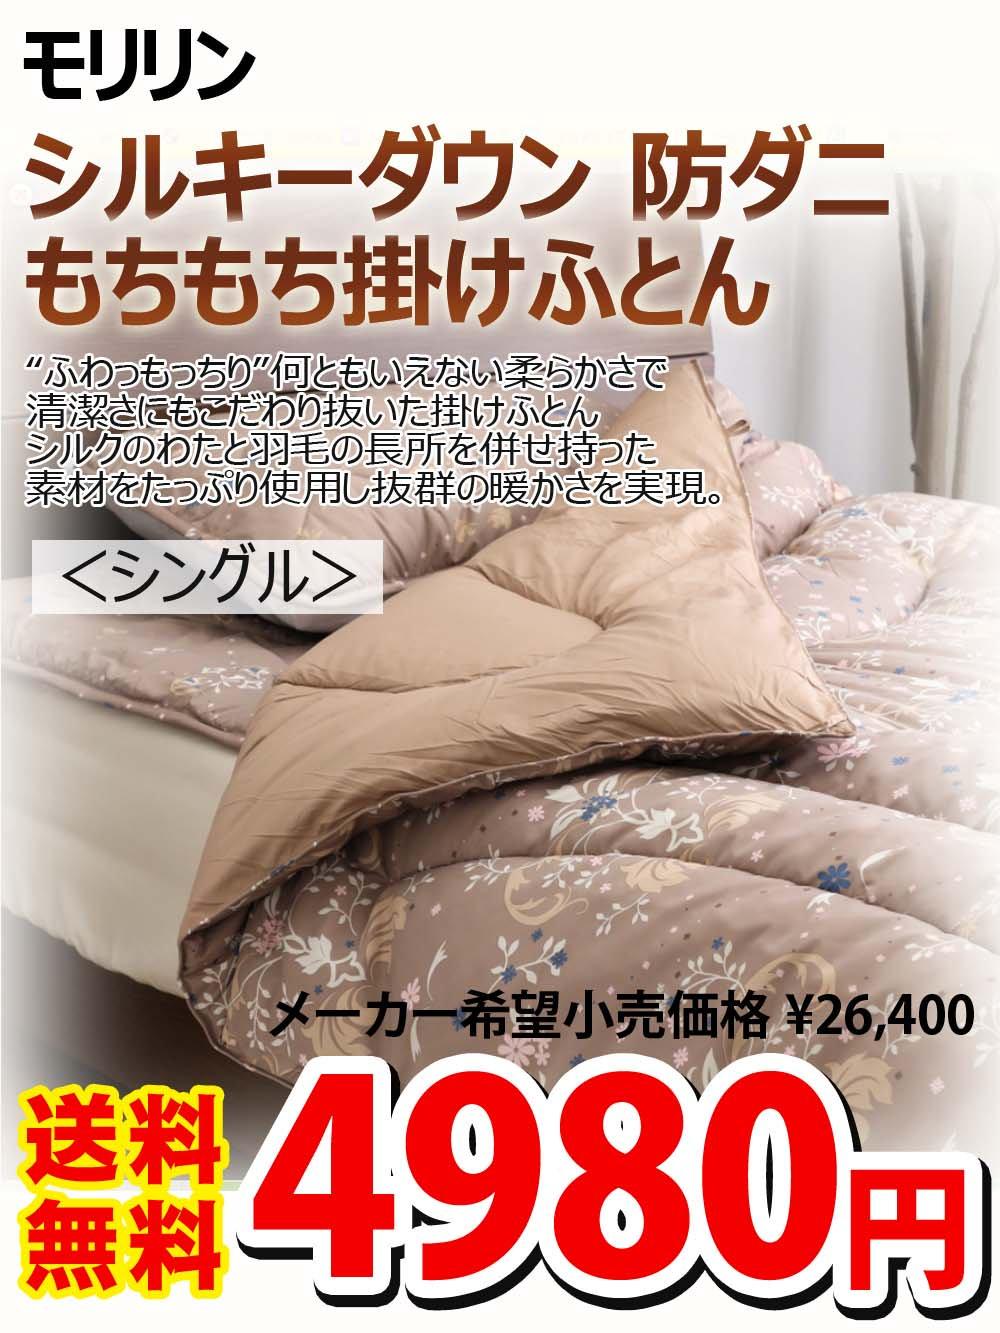 【送料無料】モリリン シルキーダウン もちもち掛けふとん 防ダニ シングル【4980円】